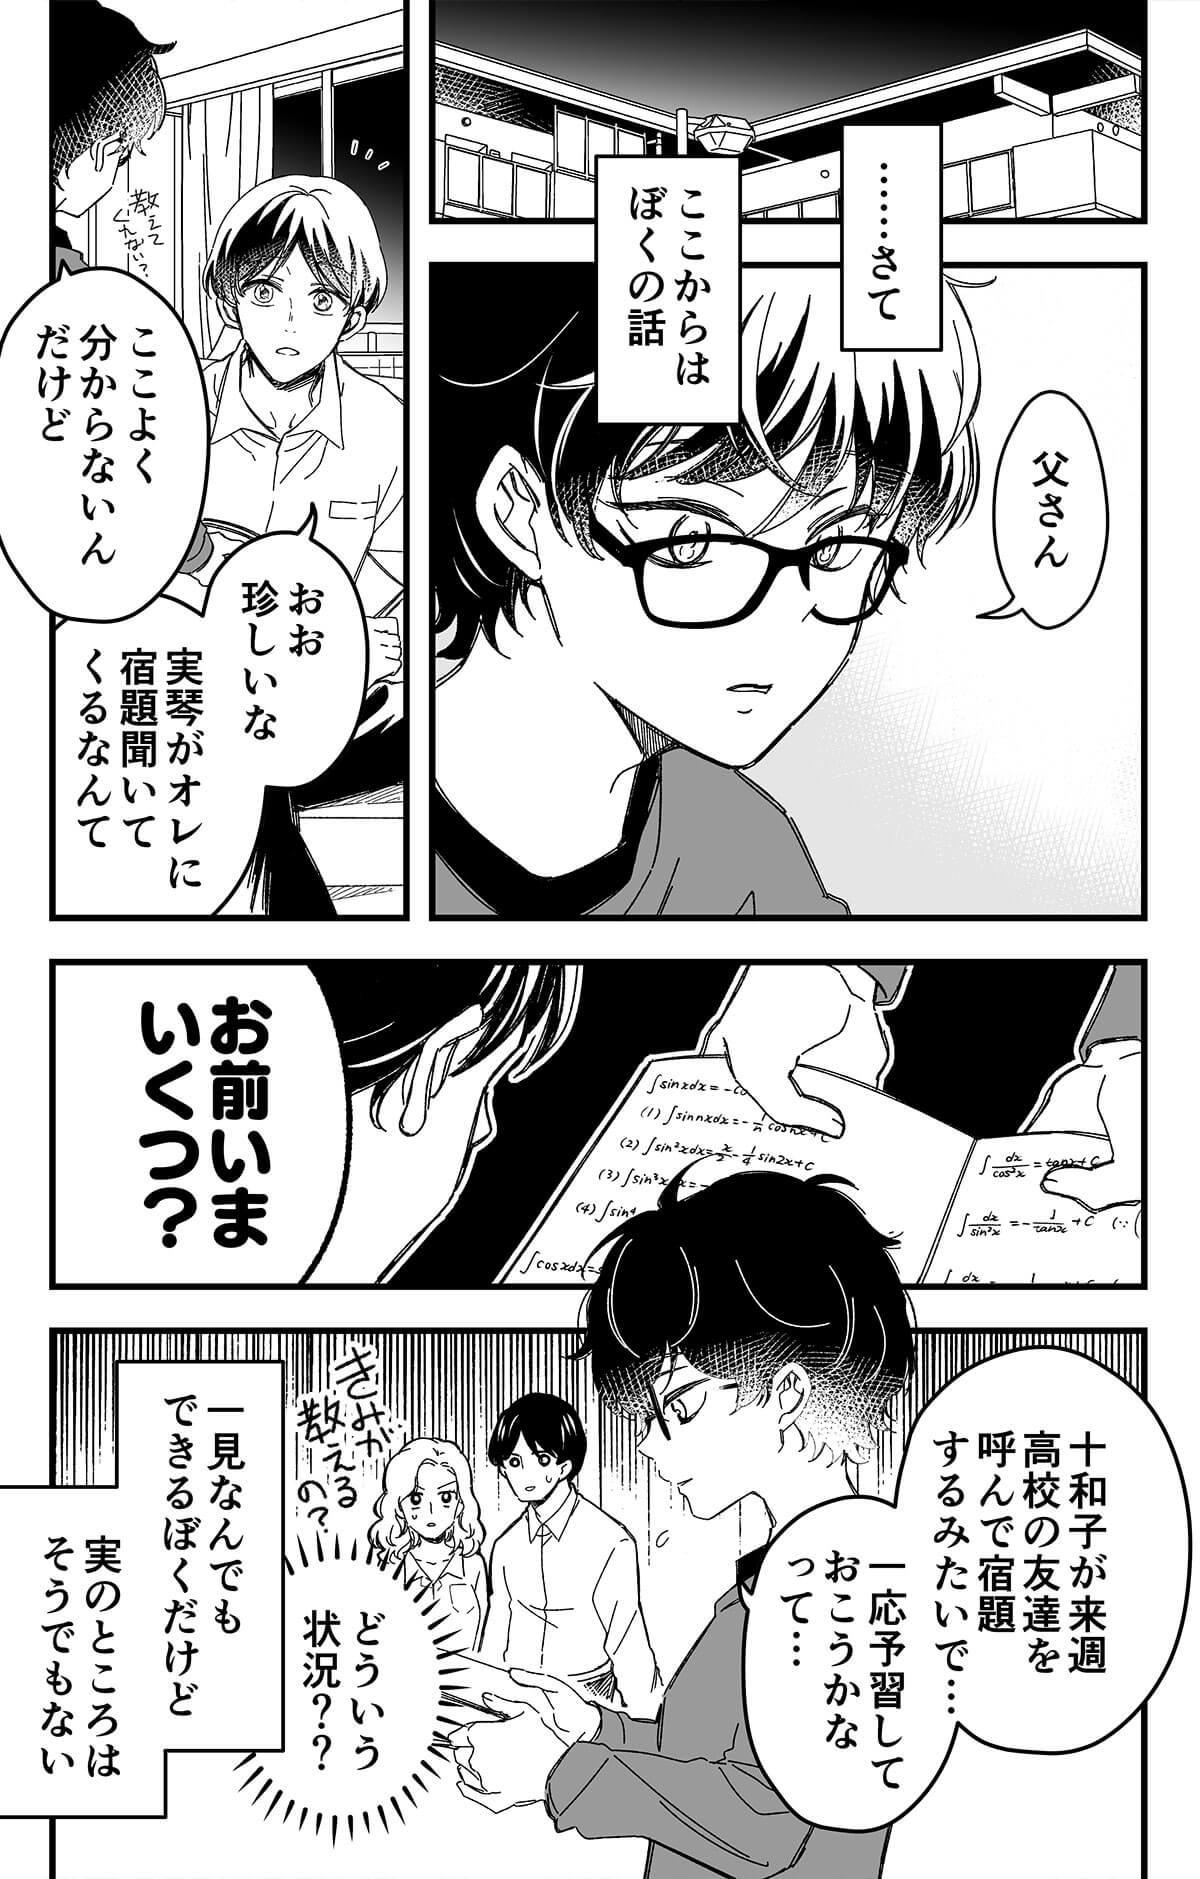 トナリのイケショタくん3-1